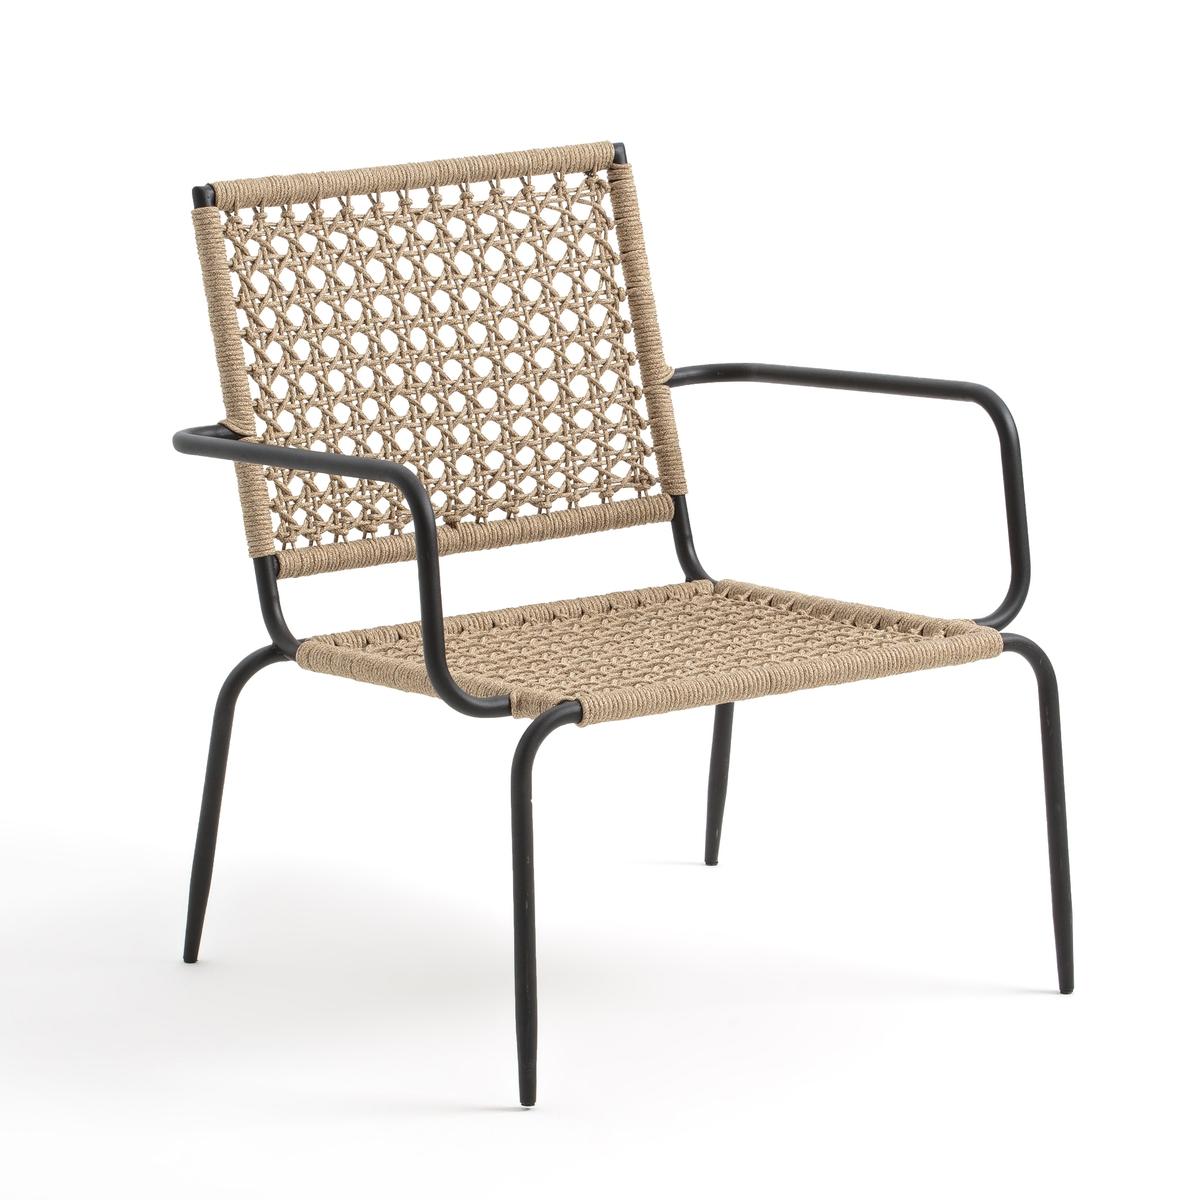 Кресло LaRedoute Для сада Ibiza из металла и плетеной веревки единый размер бежевый